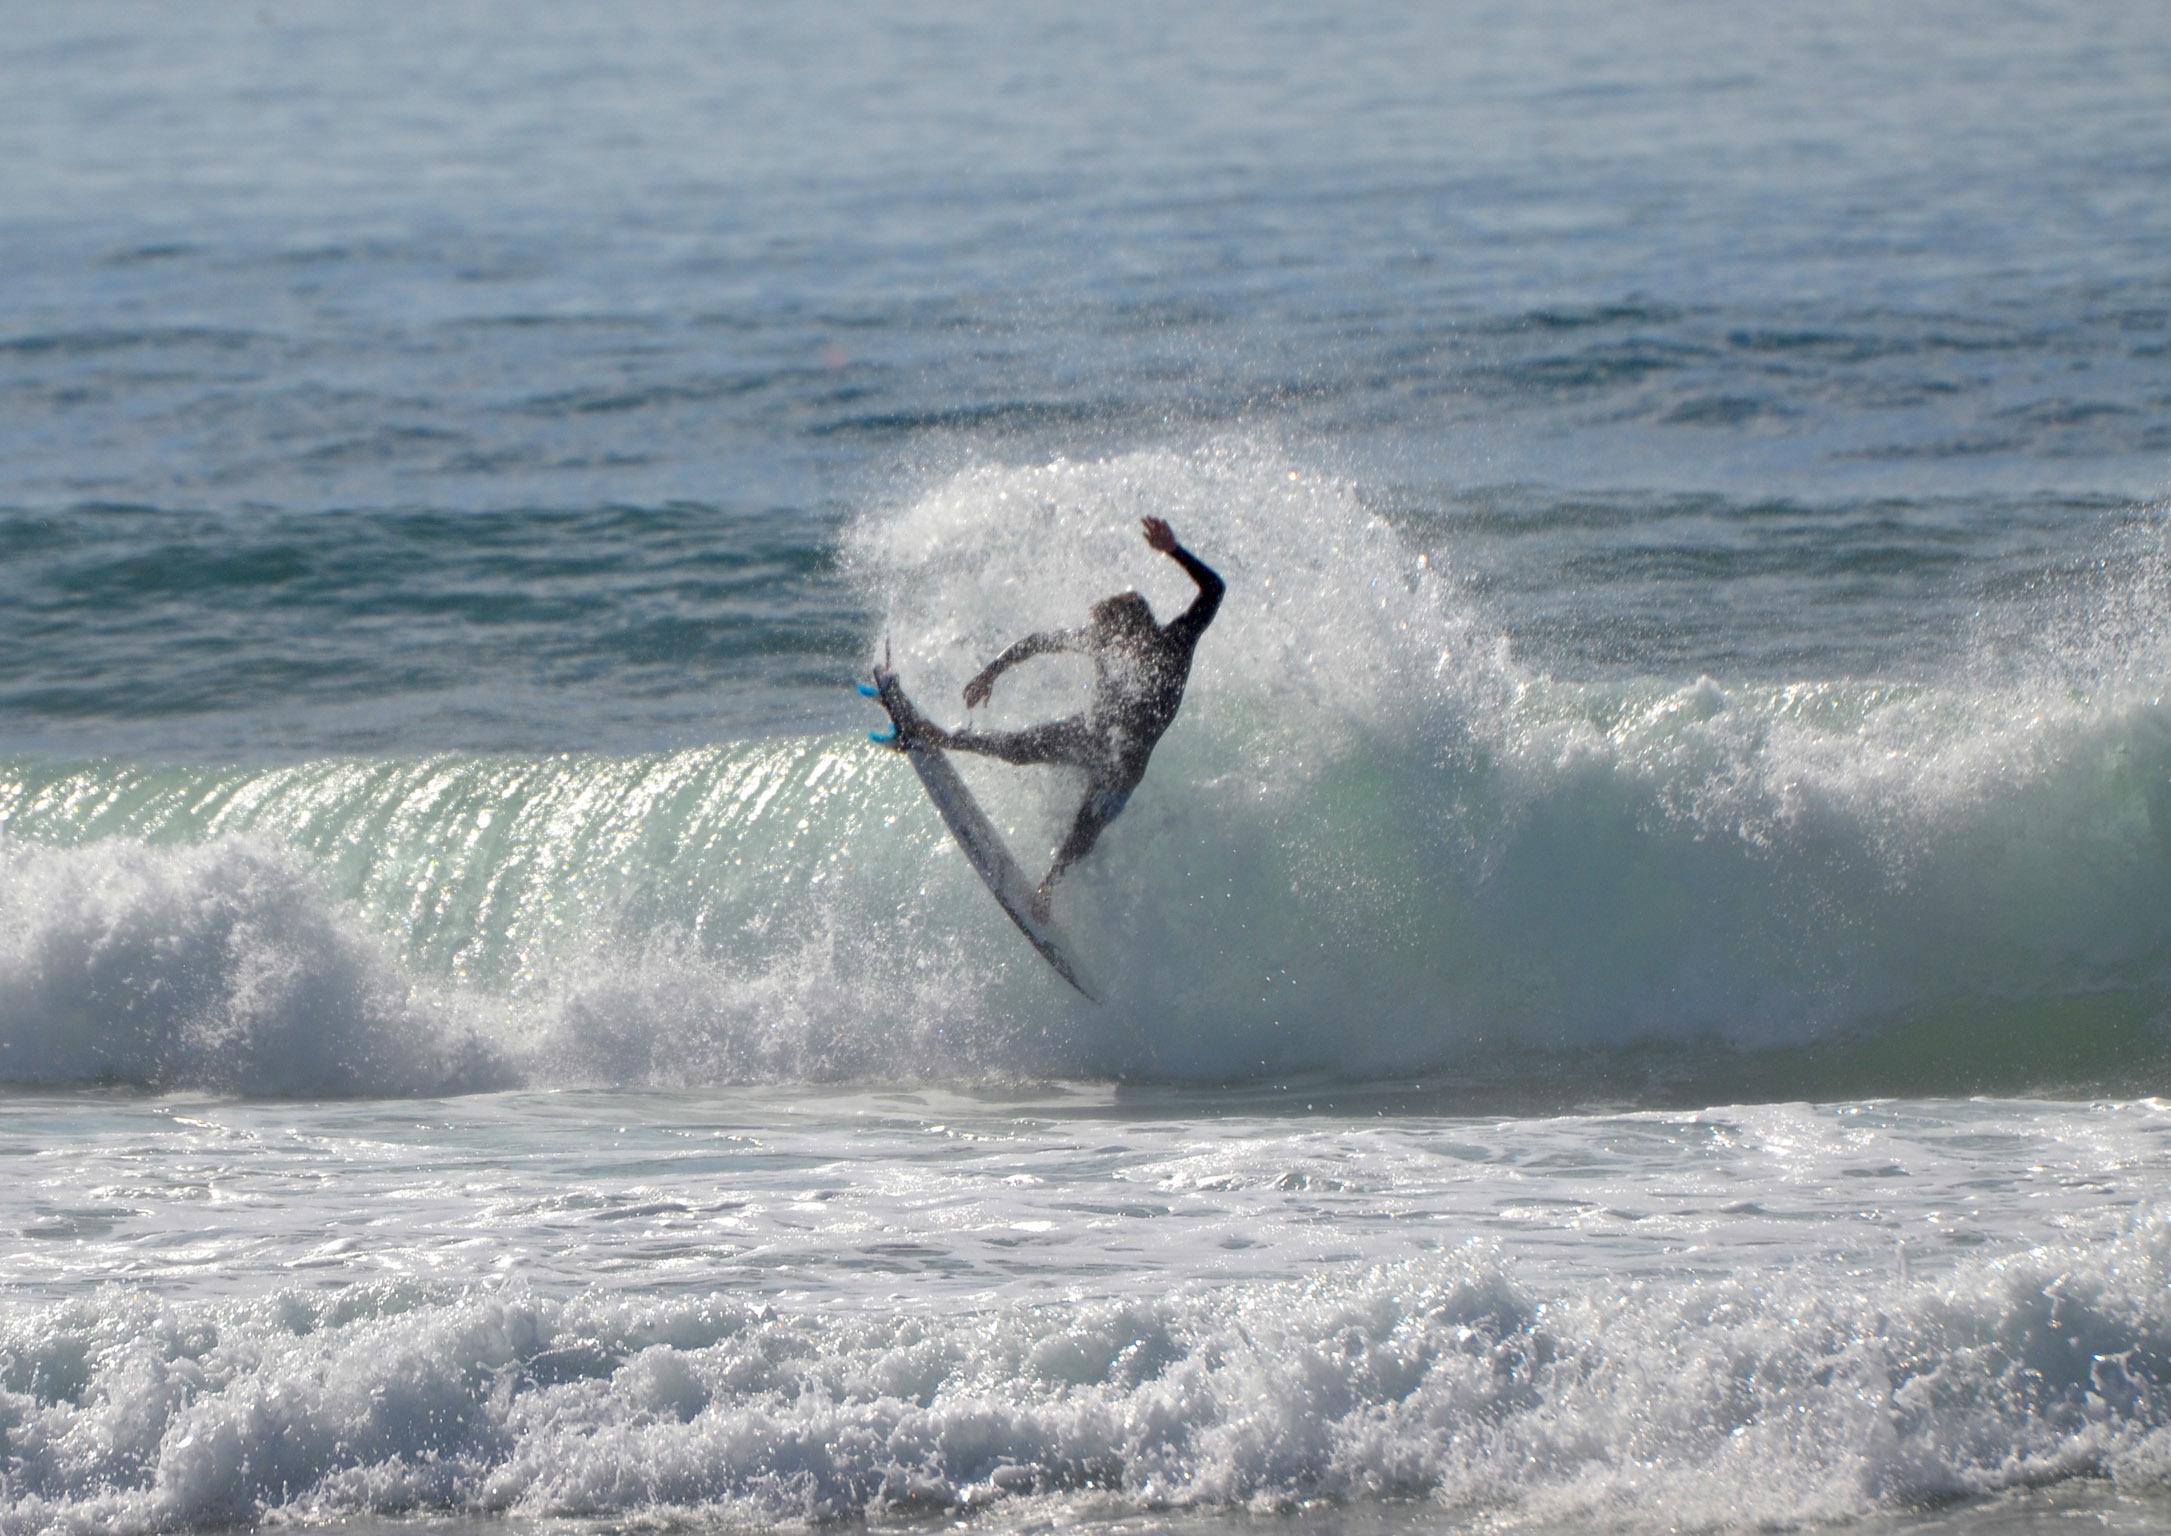 07.30 - Apanhe uma onda